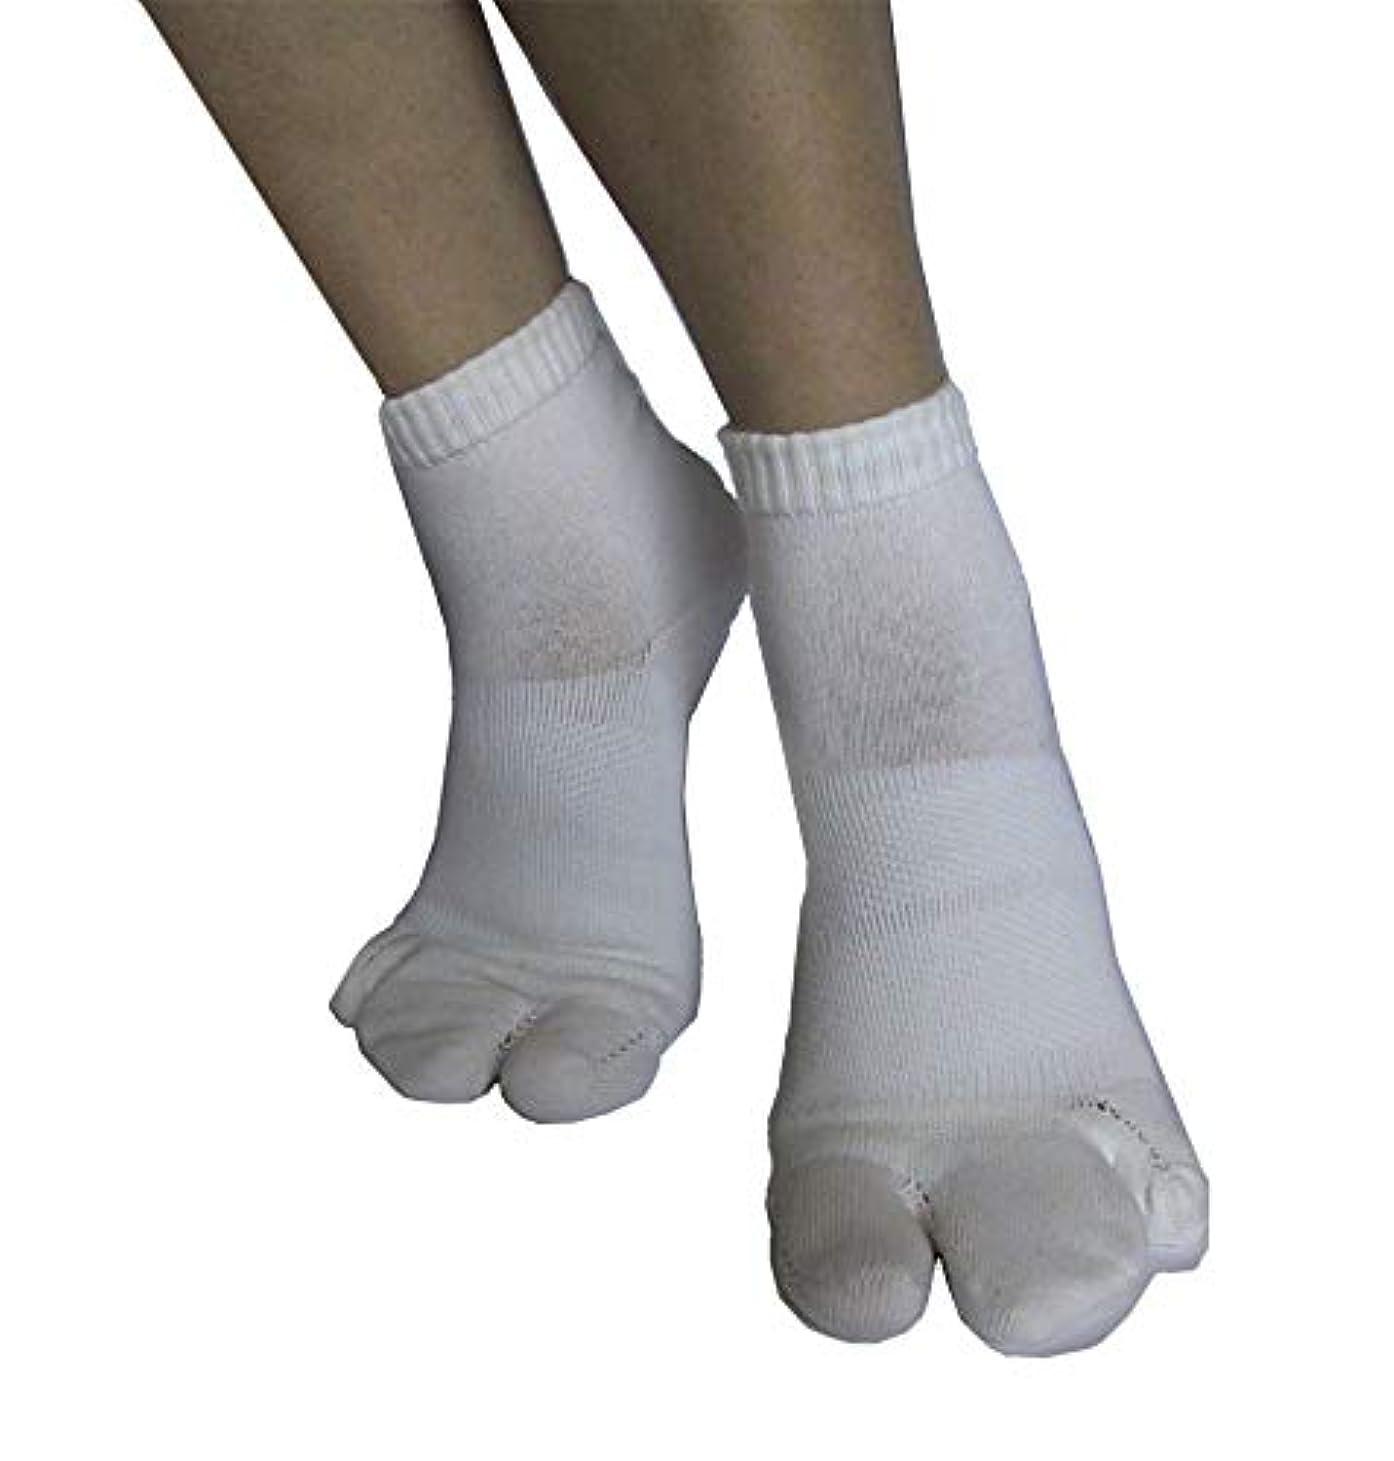 朝食を食べる育成定規カサハラ式サポーター ホソックス3本指テーピング靴下 ホワイトS 22-23cm